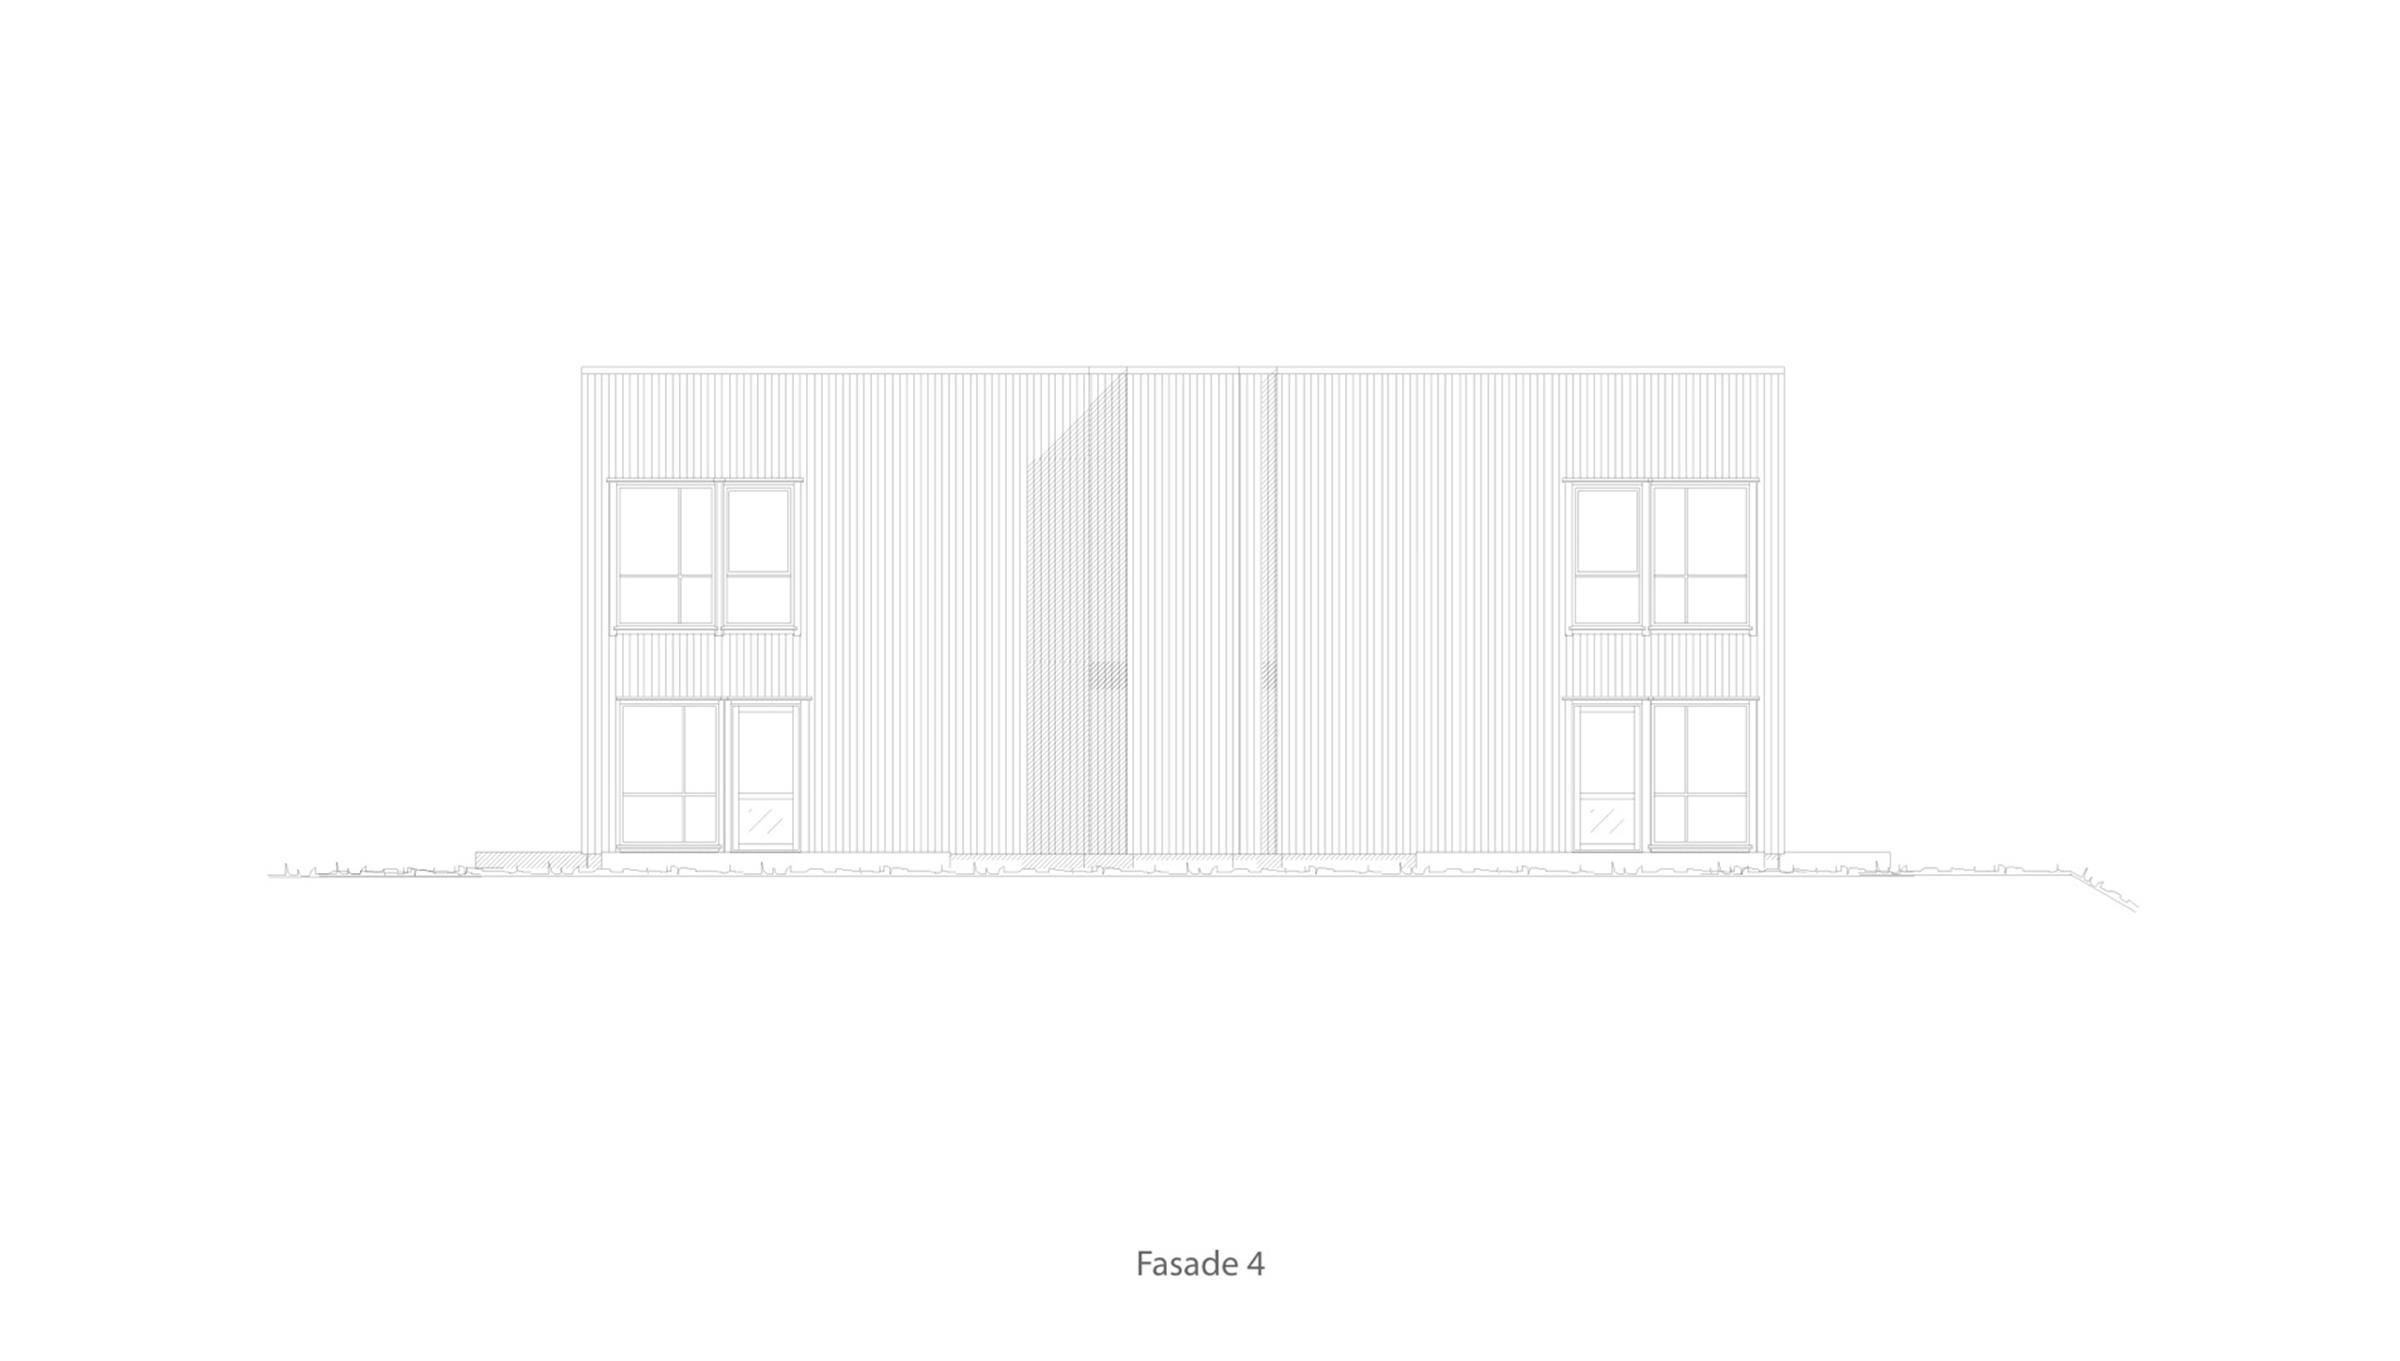 Brumunddal fasade 4